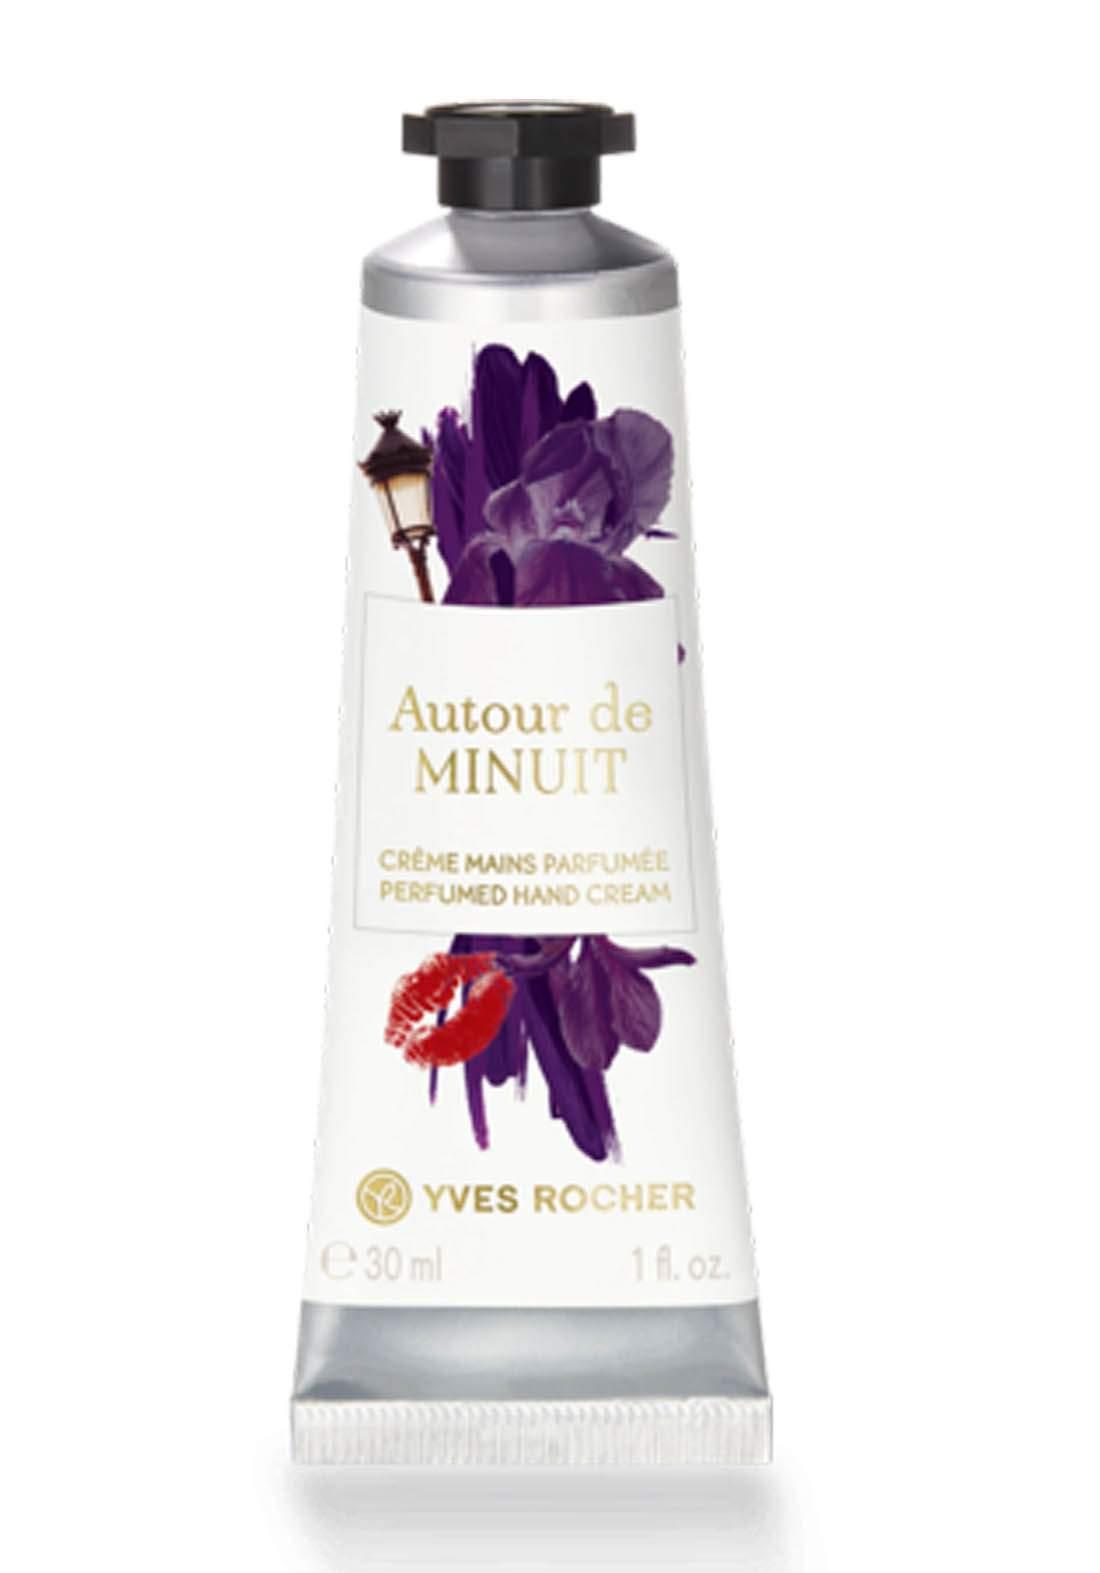 Yves Rocher 63966 Autour de Minuit Perfumed Hand Cream كريم لليدين